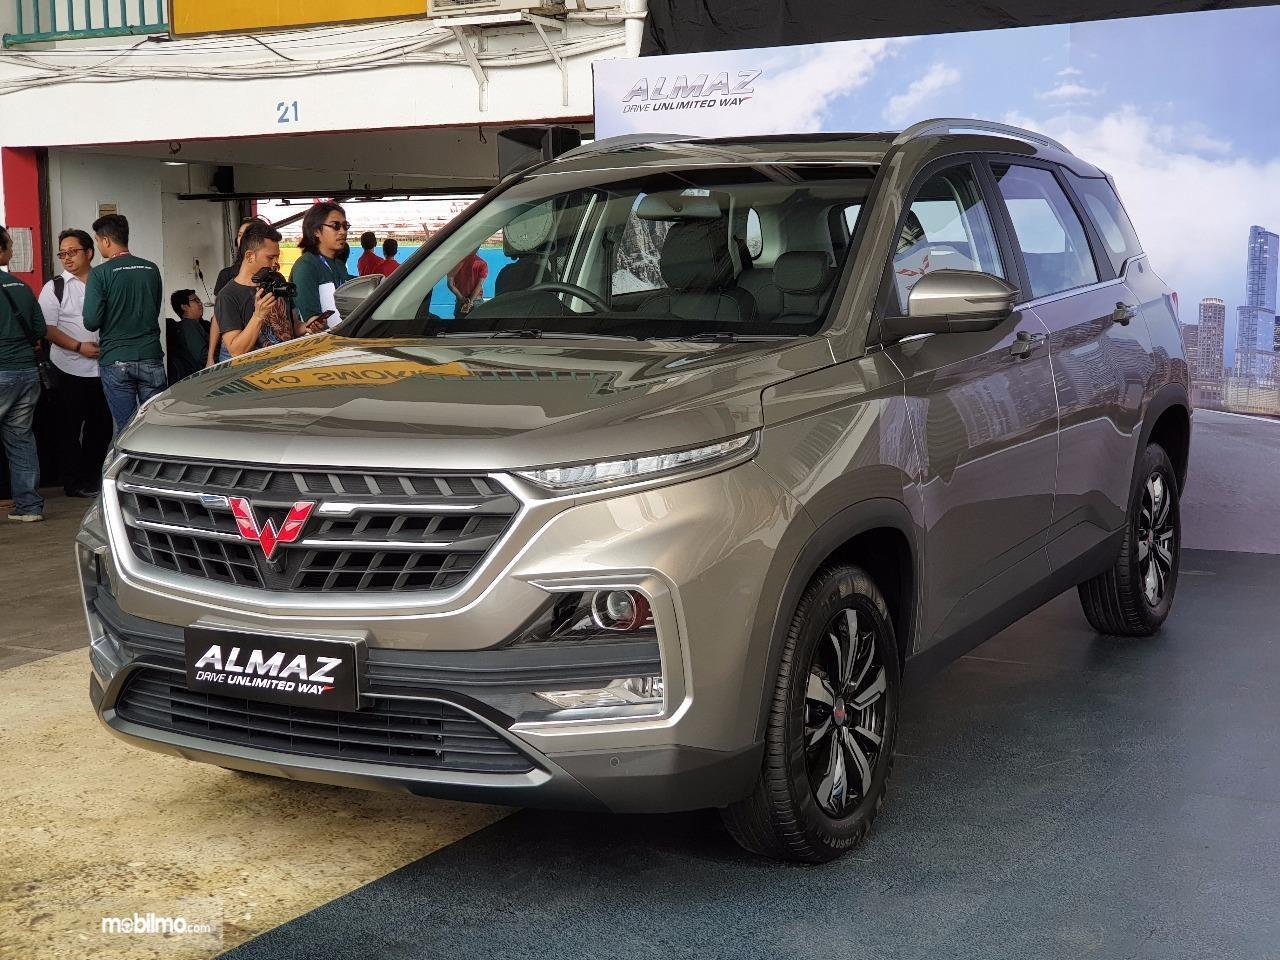 Chevrolet Captiva 2019 tại Thái Lan có thể sẽ dùng động cơ giống Wuling Almaz